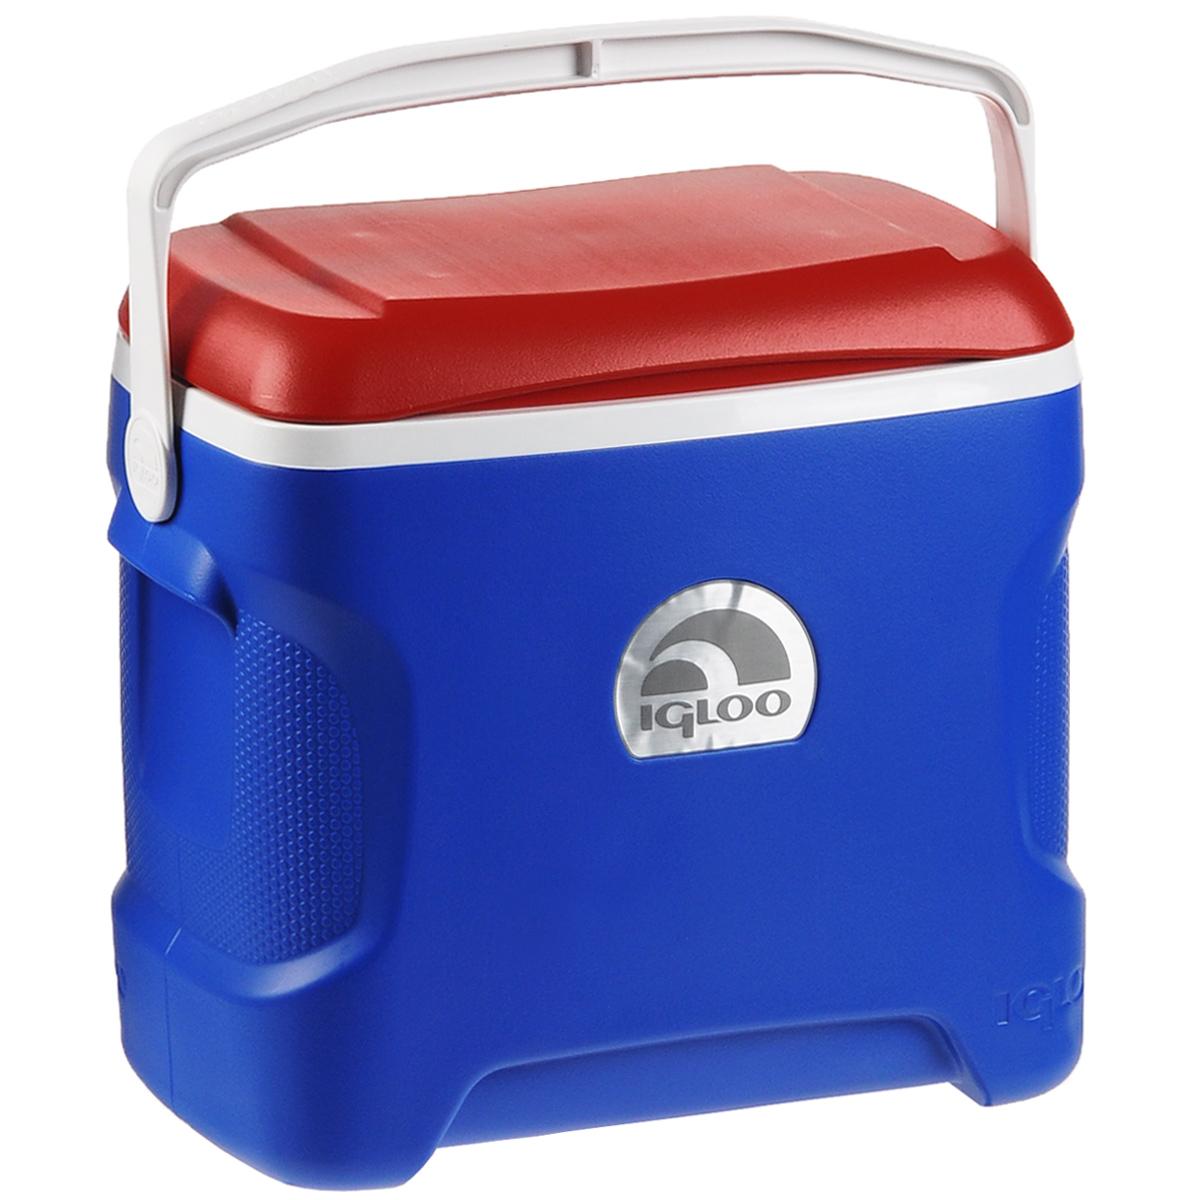 Изотермический контейнер Igloo Contour, цвет: синий, белый, красный, 28 л igloo island breeze 28 цвет blue